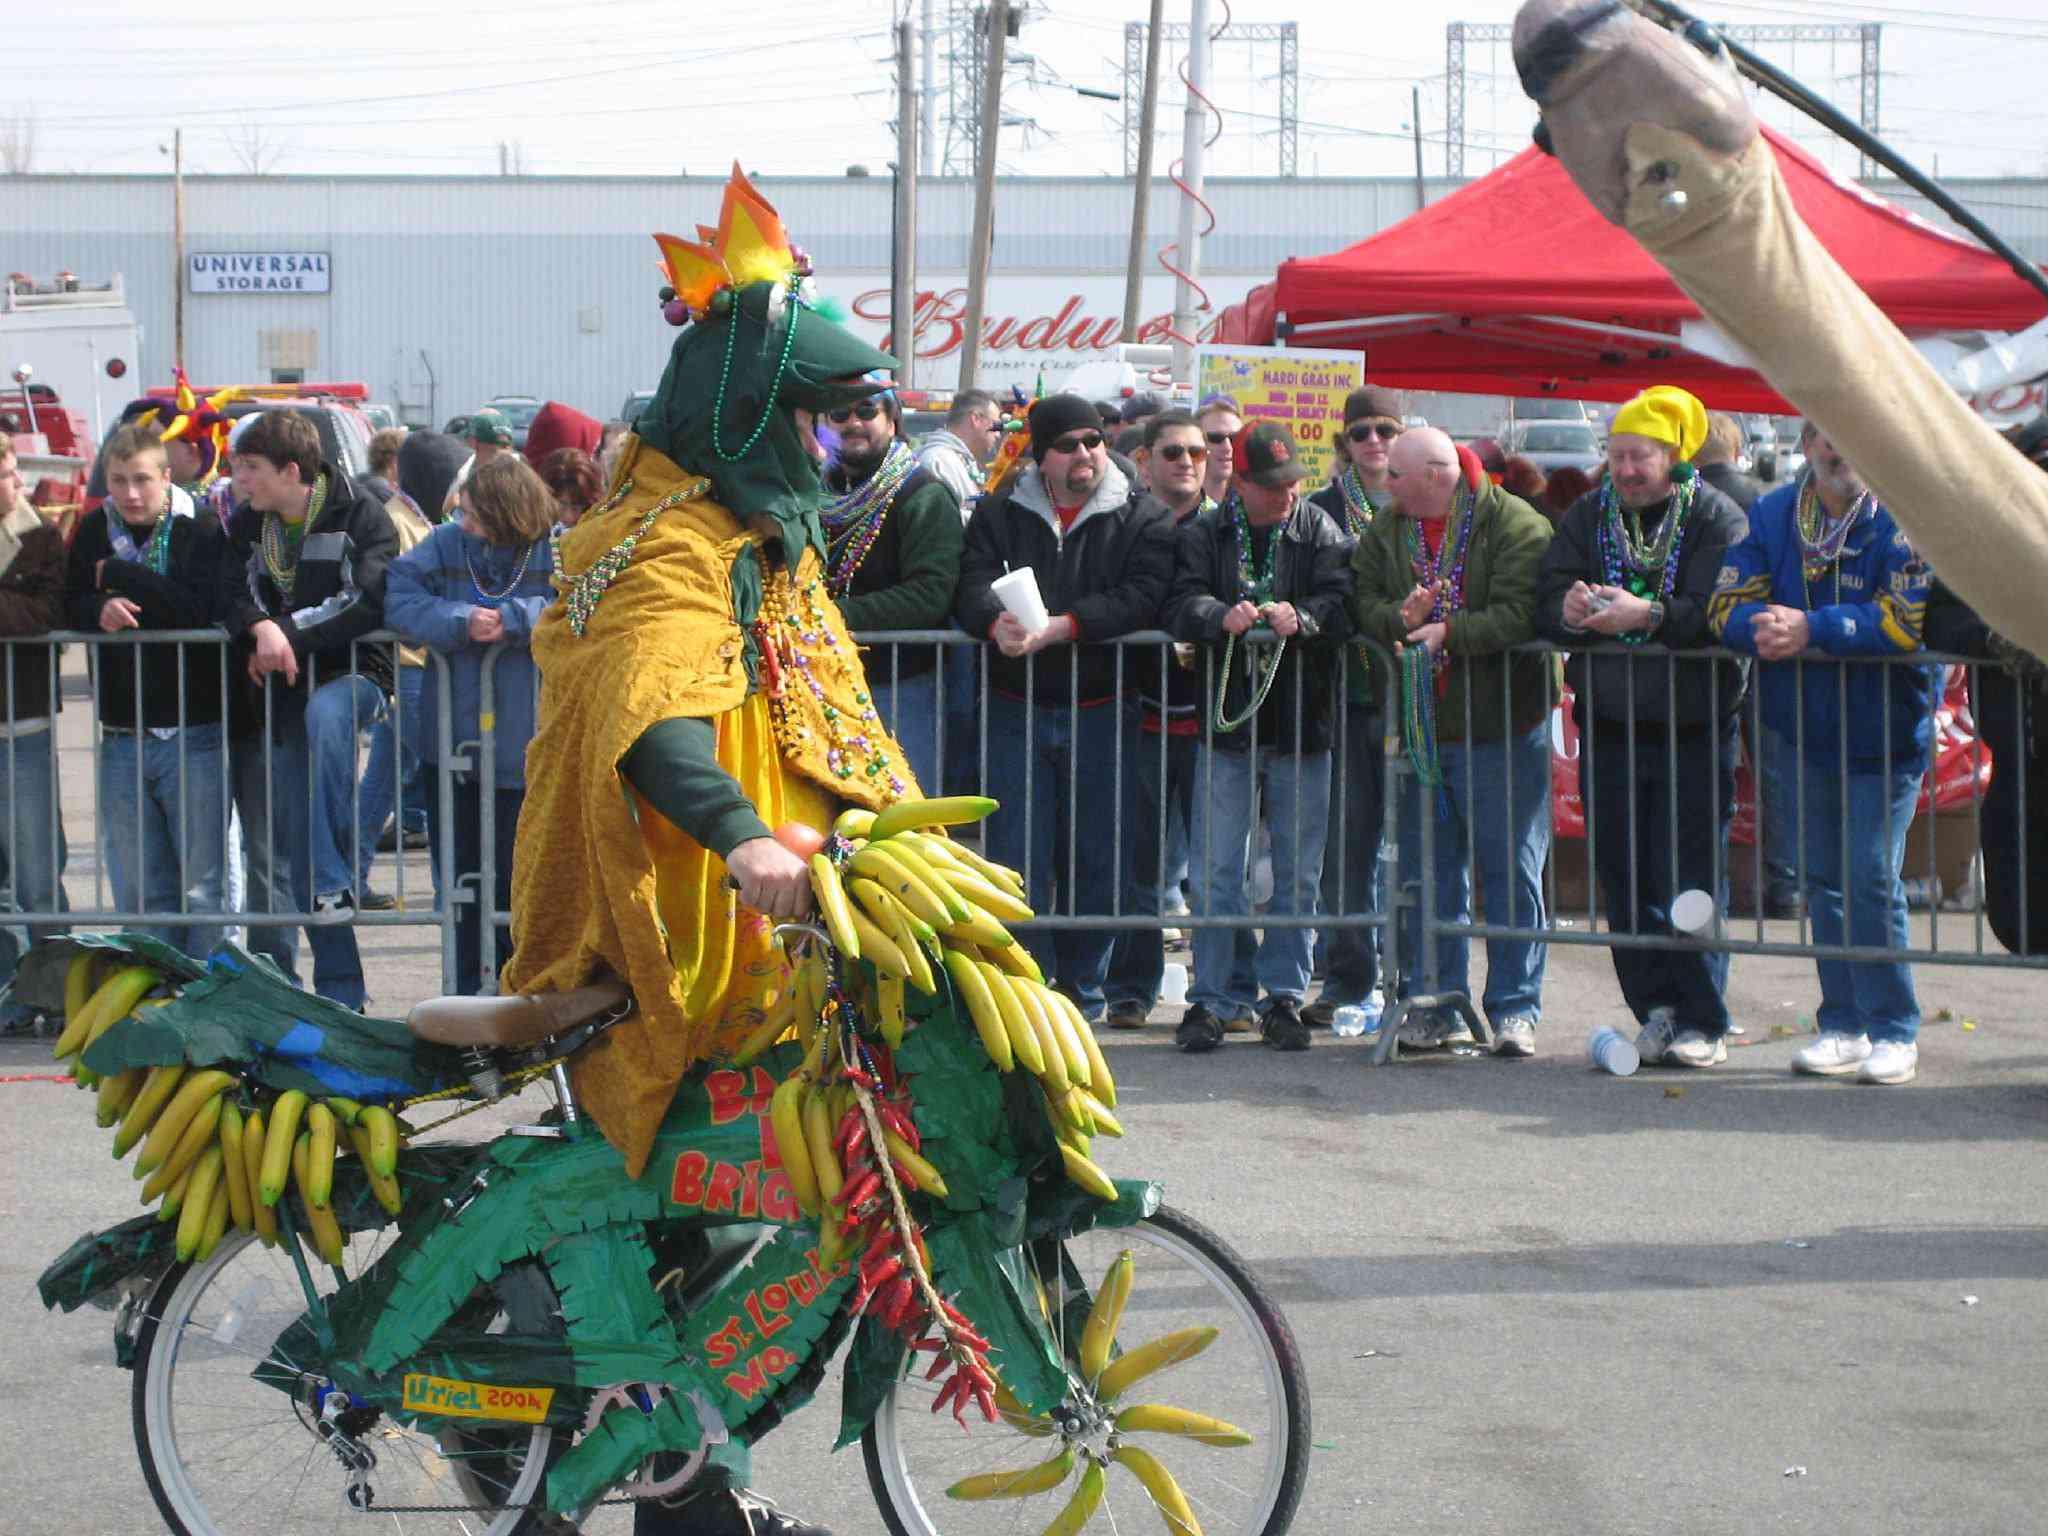 Banana Bike Brigade at St Louis Mardi Gras in Soulard